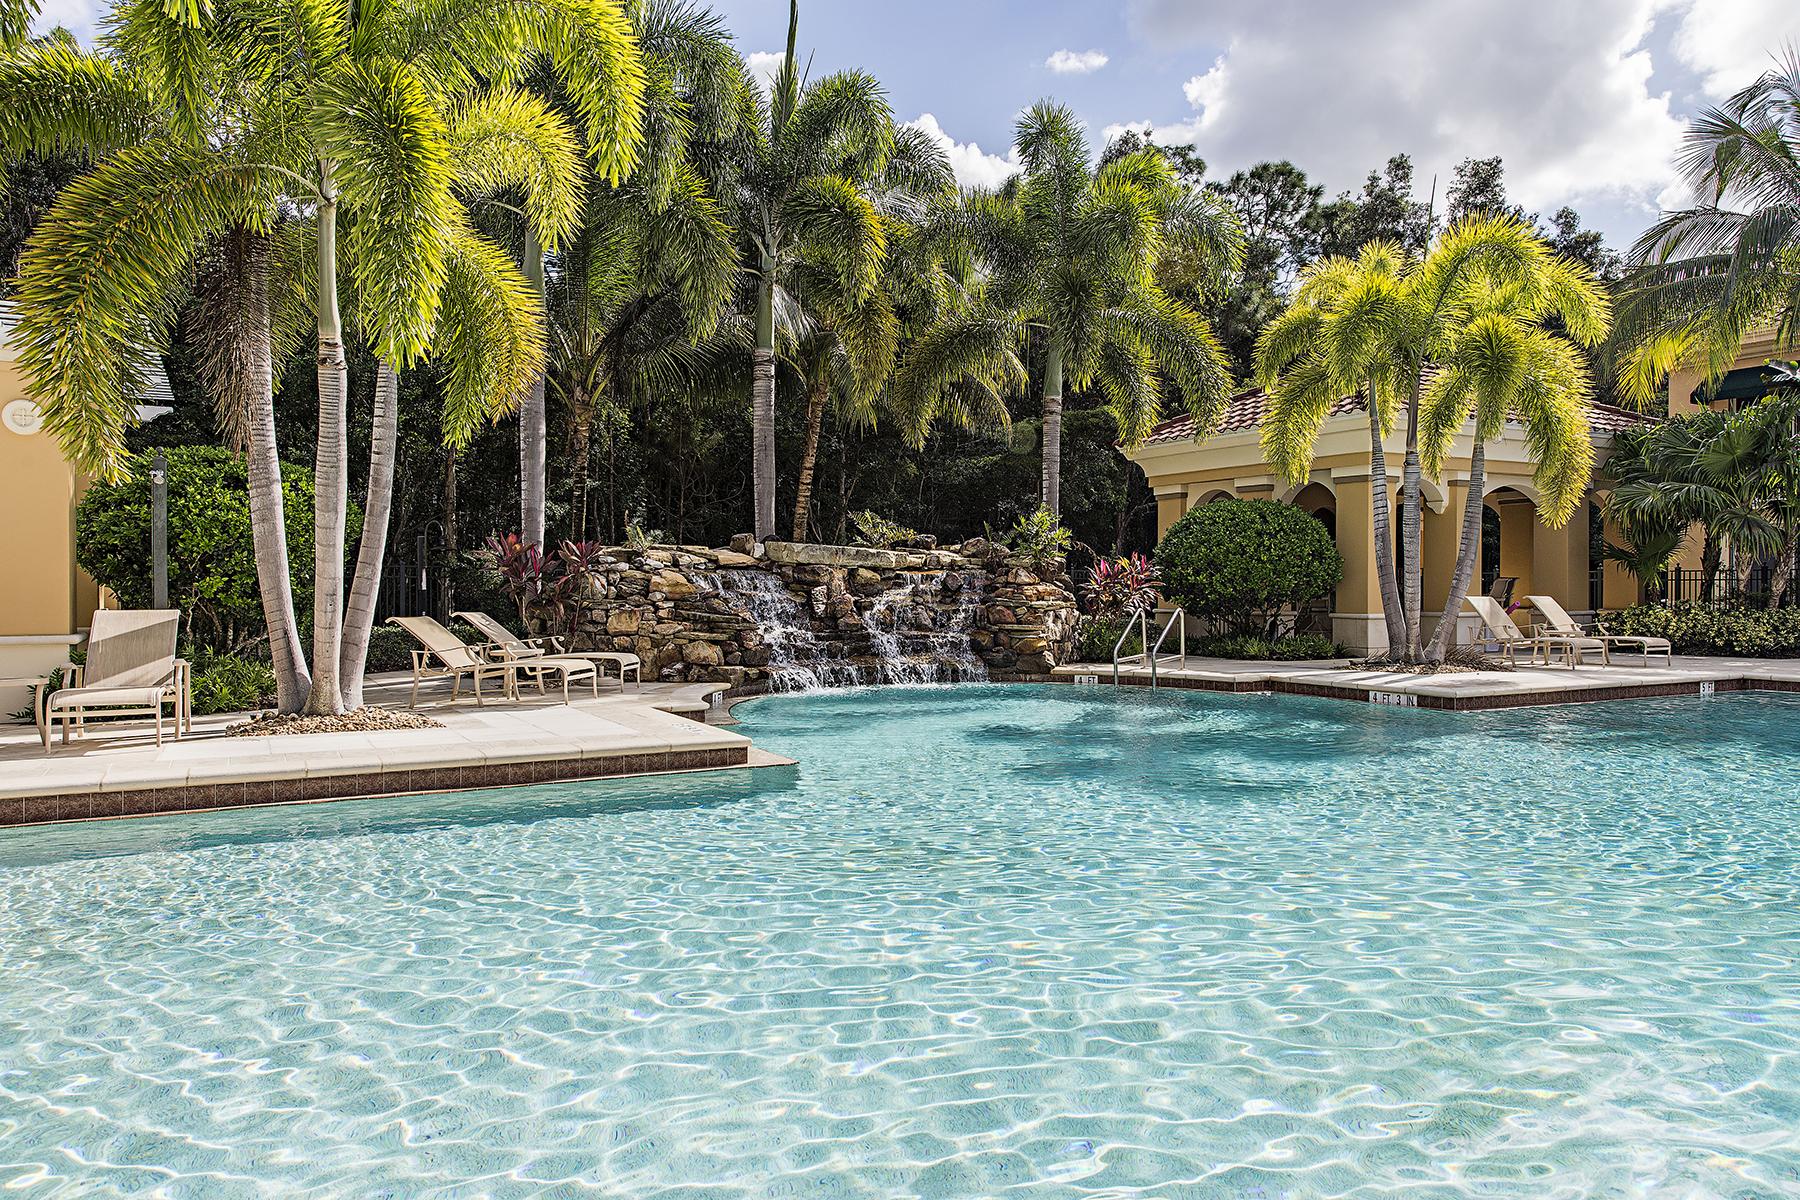 Condomínio para Venda às MIRASOL AT COCONUT POINT 23450 Alamanda Dr 102 Estero, Florida, 34135 Estados Unidos